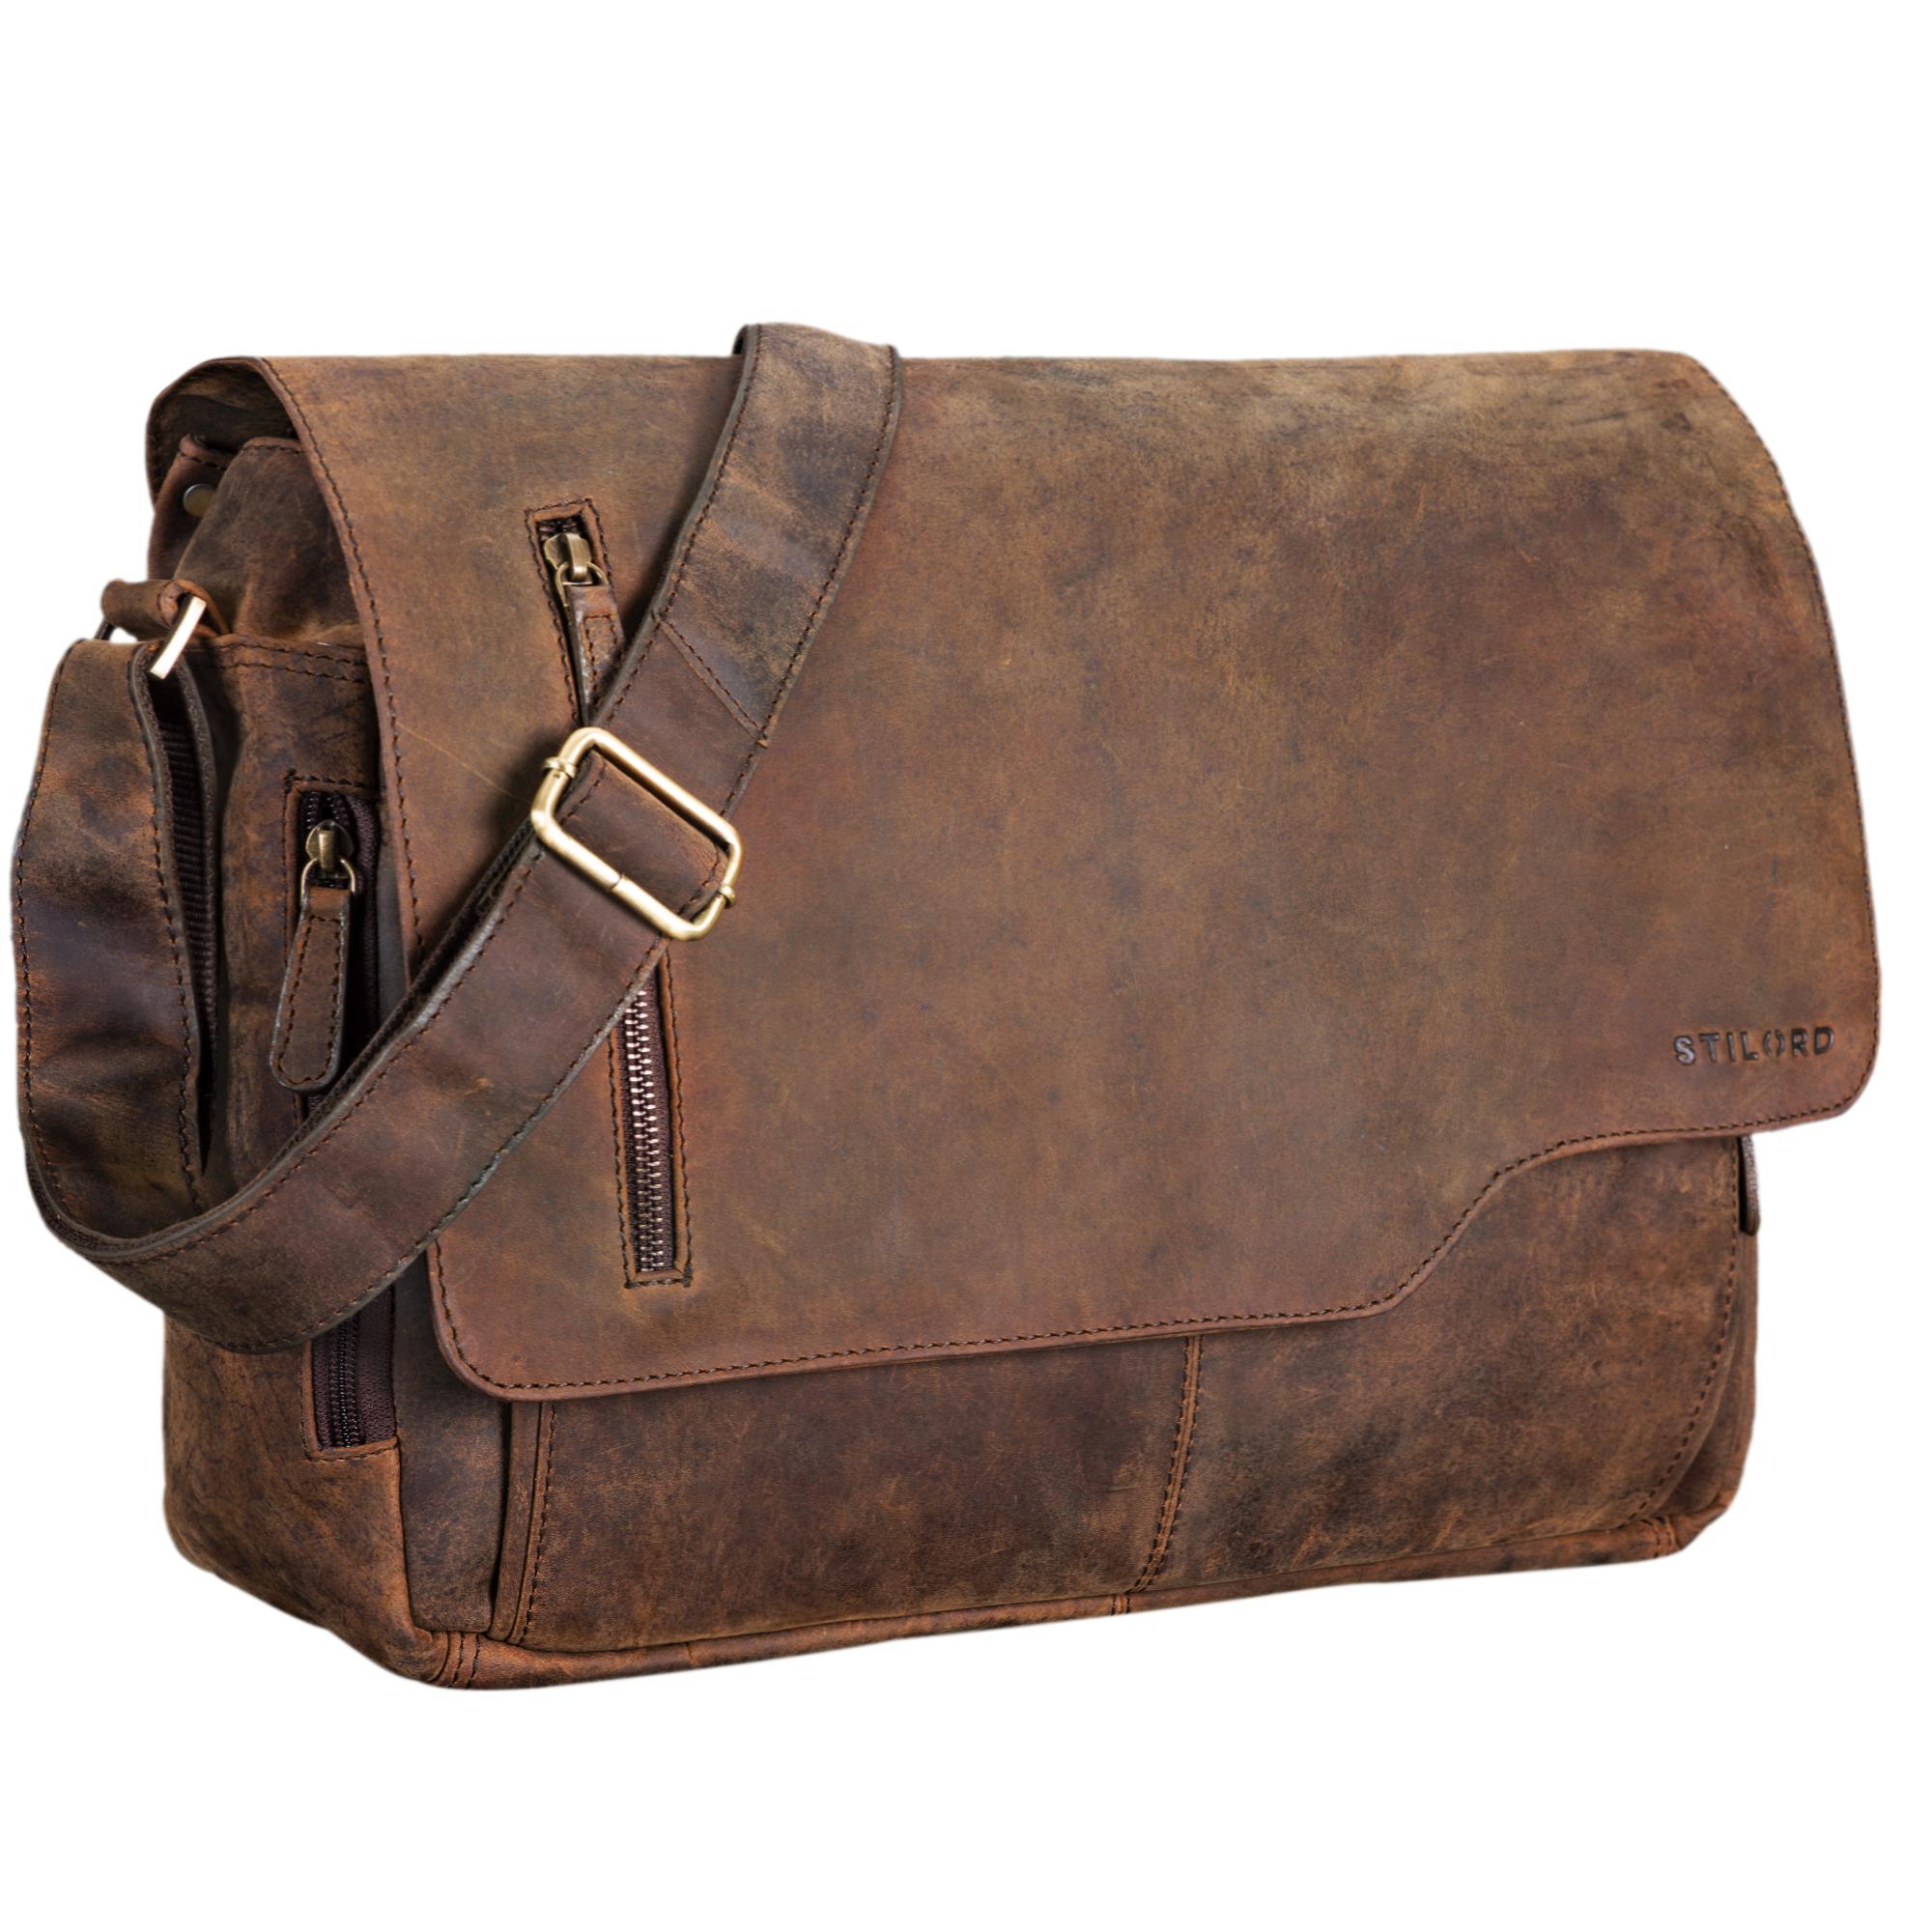 """STILORD """"Marlon"""" Ledertasche Herren Business Uni Büro Vintage Umhängetasche groß DIN A4 mit 15.6 Zoll Laptopfach elegante Aktentasche aus echtem Rinds Leder - Bild 16"""